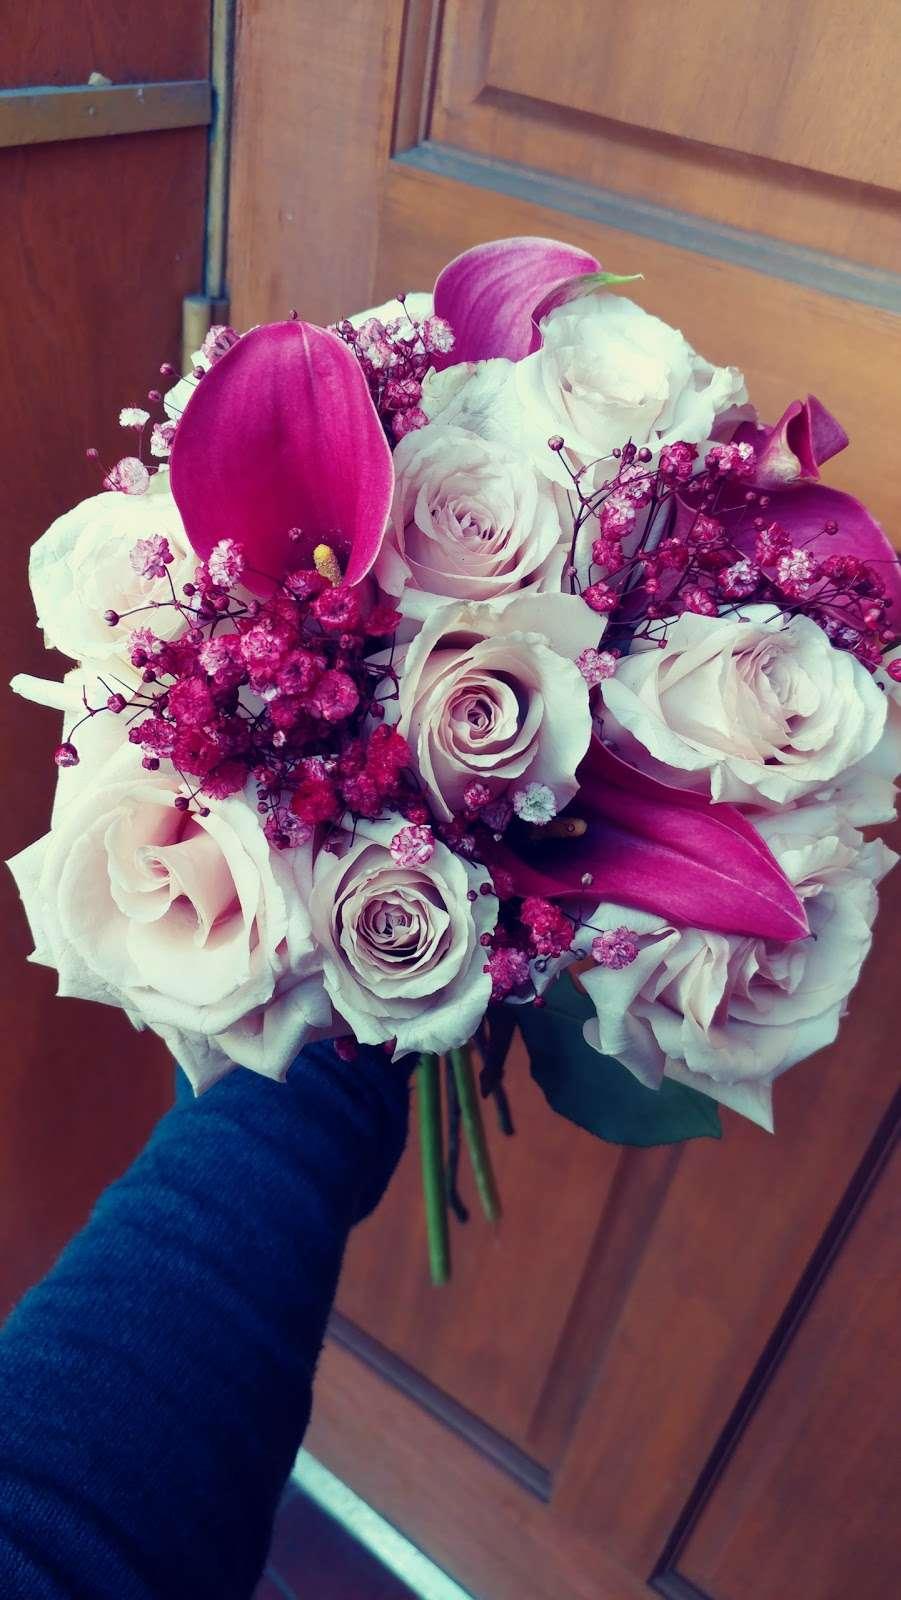 Jerome Florist & Gifts - florist    Photo 3 of 10   Address: 3724 E Tremont Ave, Bronx, NY 10465, USA   Phone: (718) 931-9440